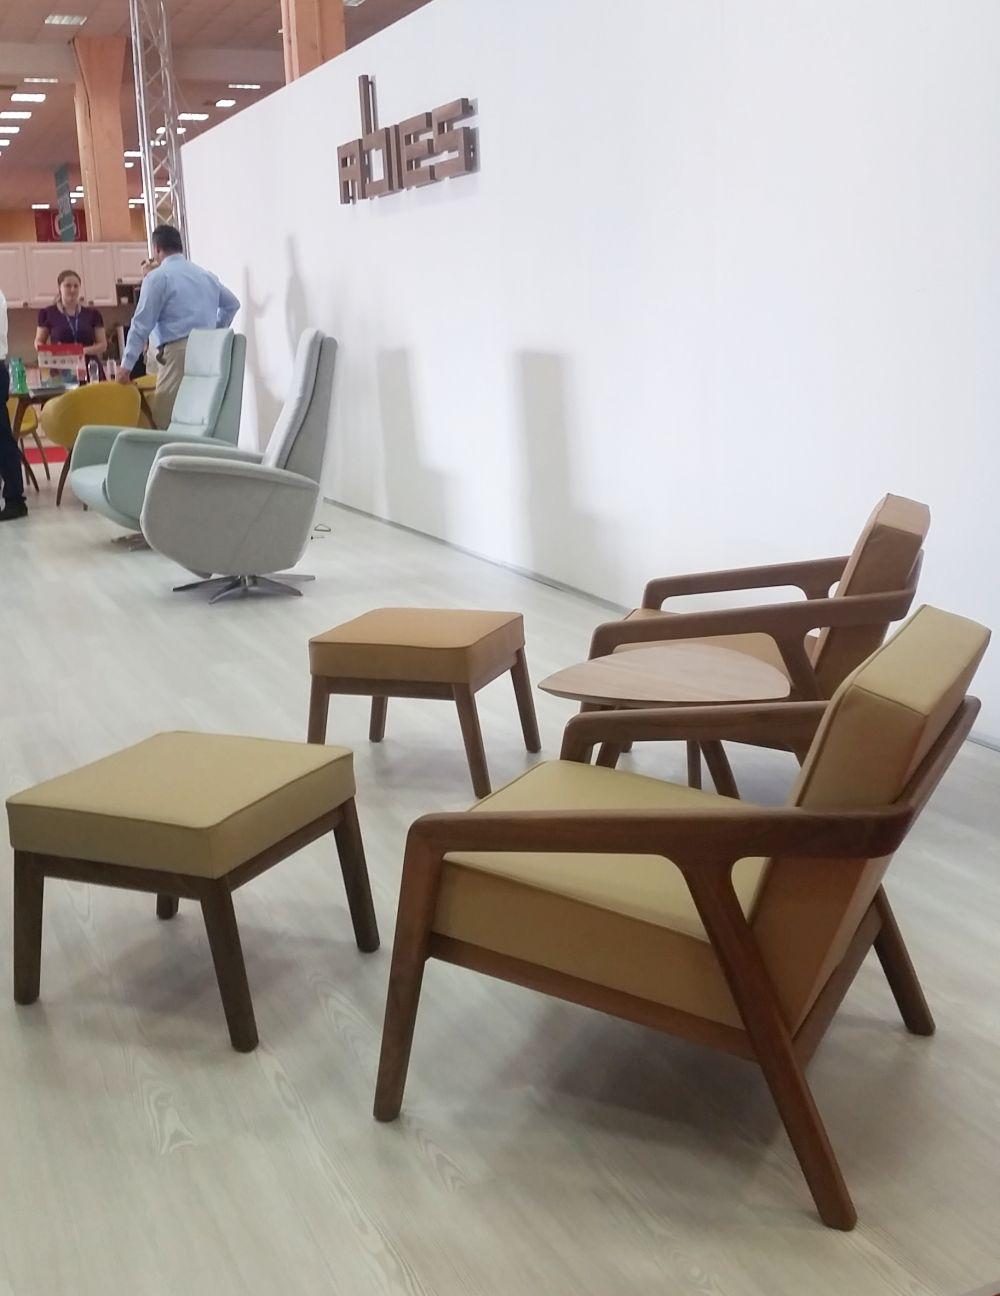 adelaparvu-com-despre-mobila-produsa-in-romania-abies-nehoiu-7